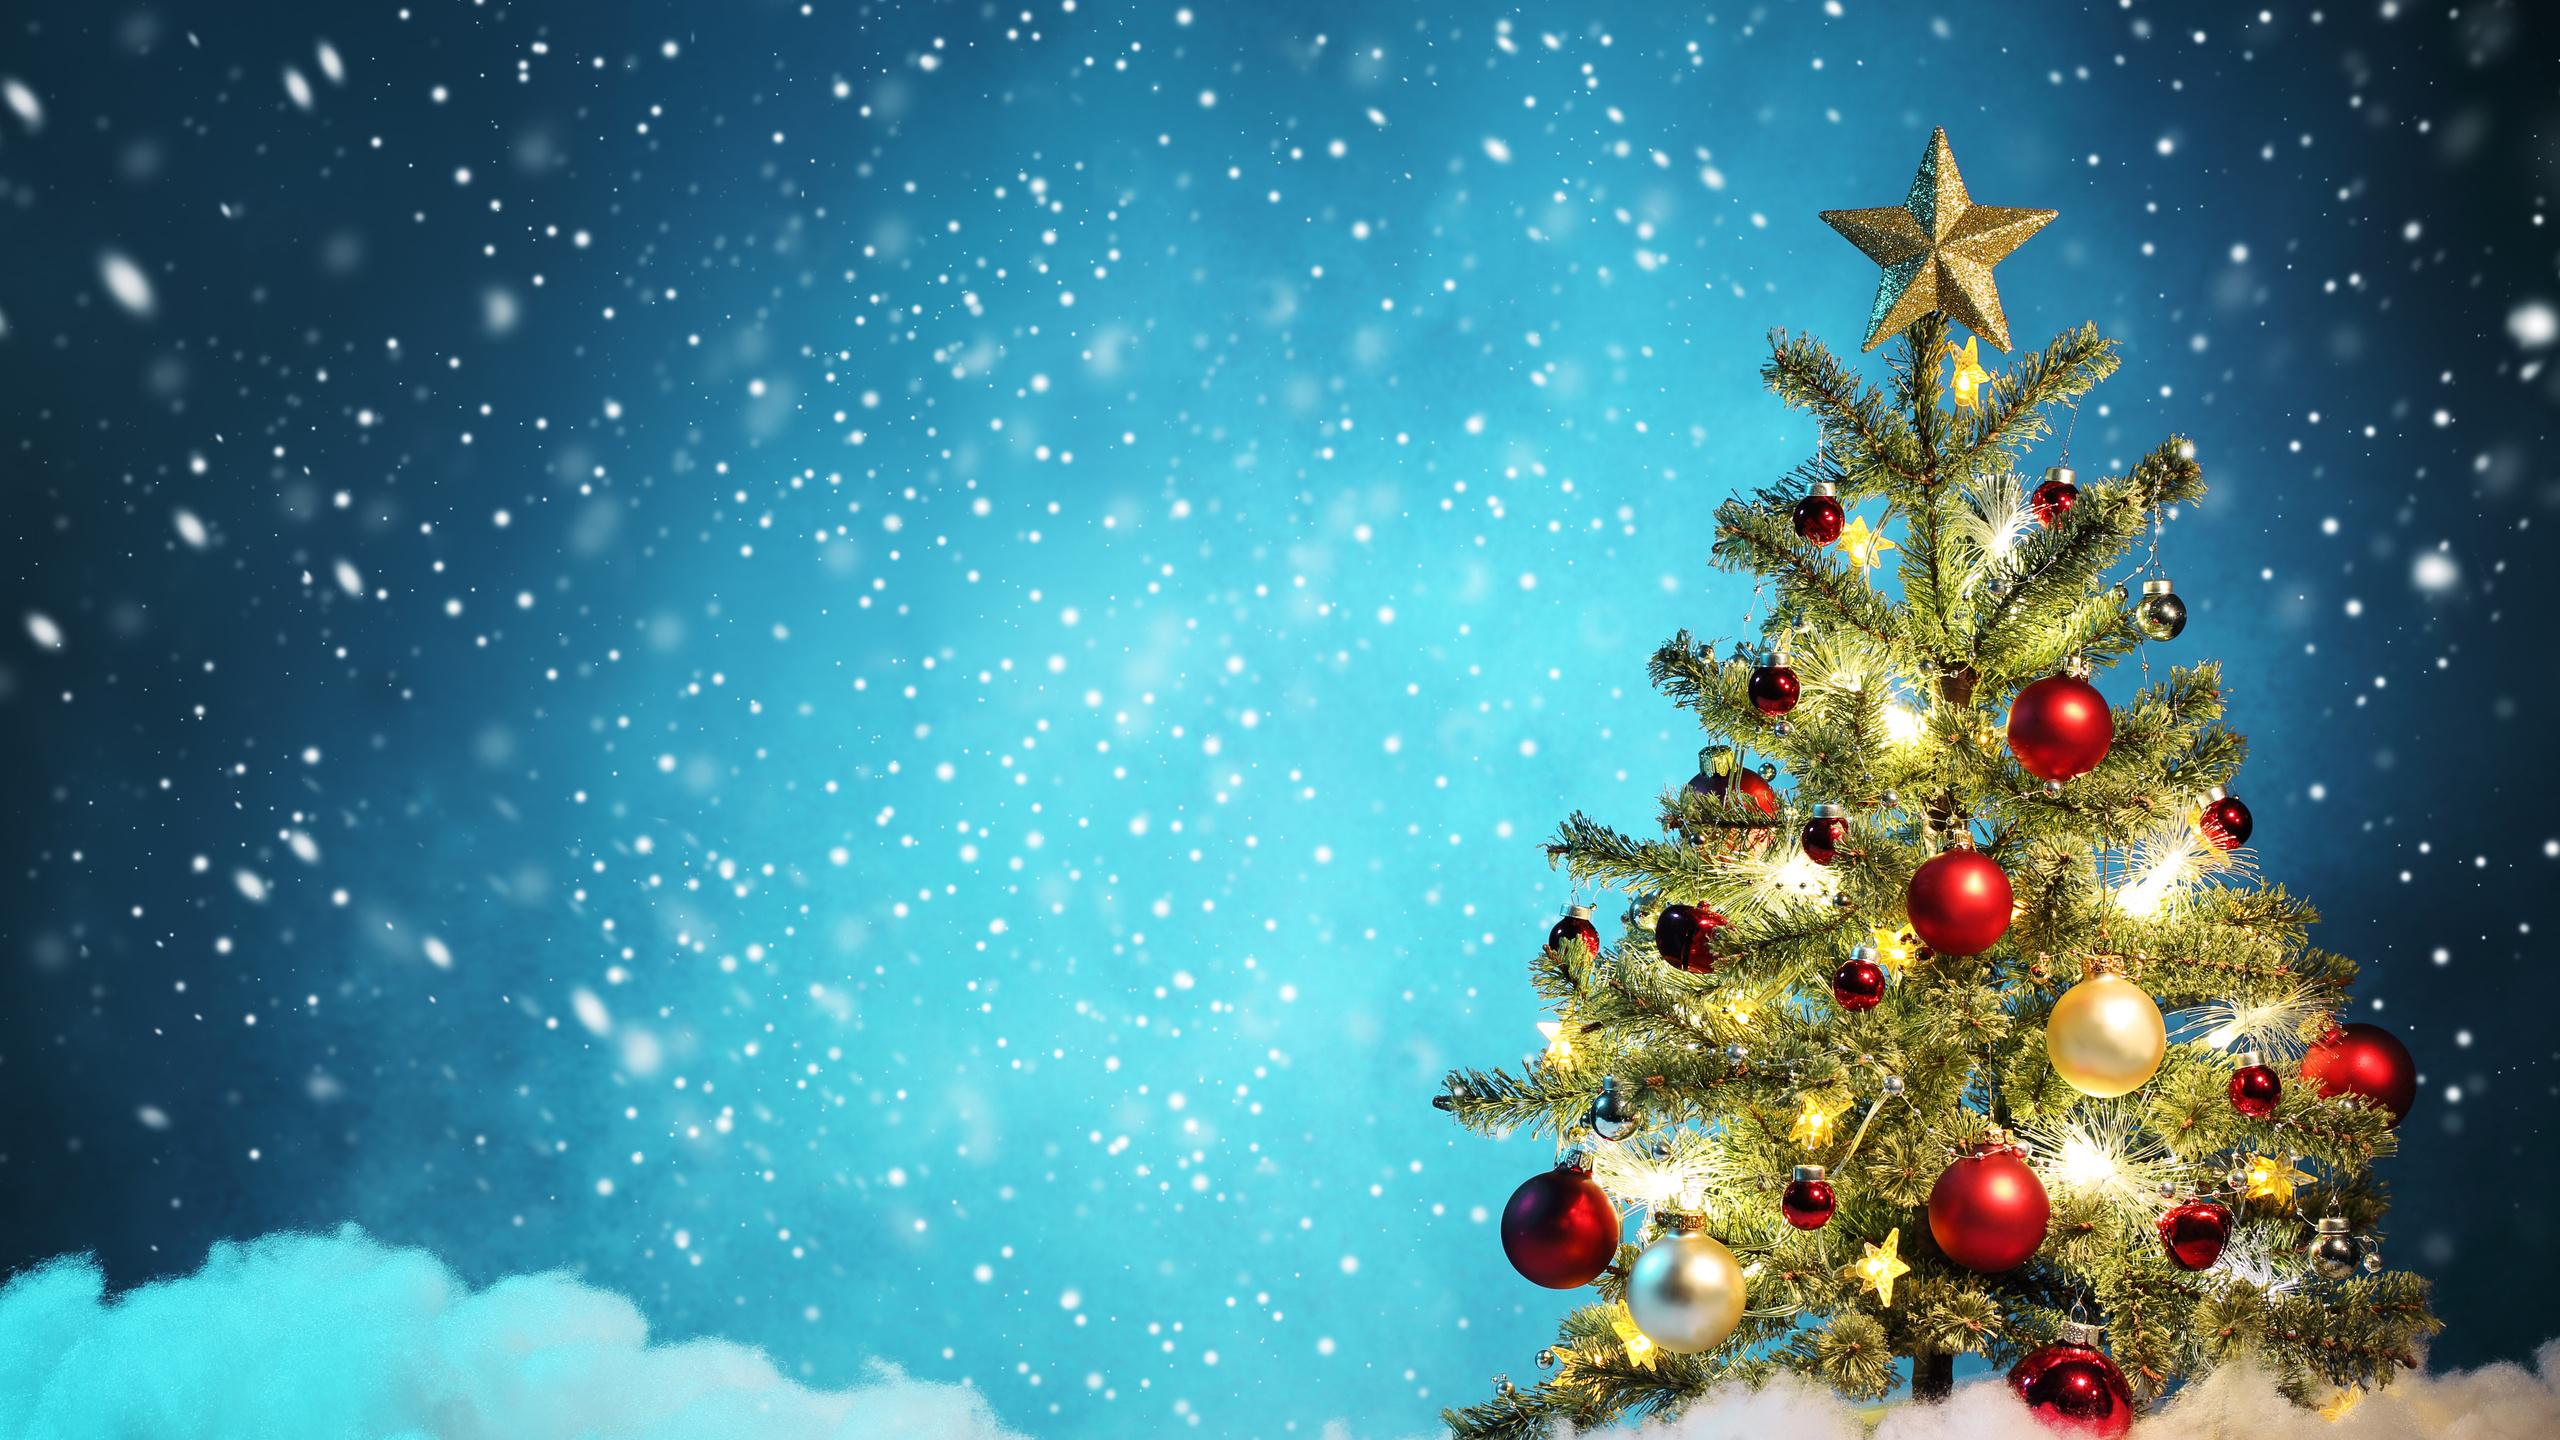 Три новогодние ели  № 1417036 без смс